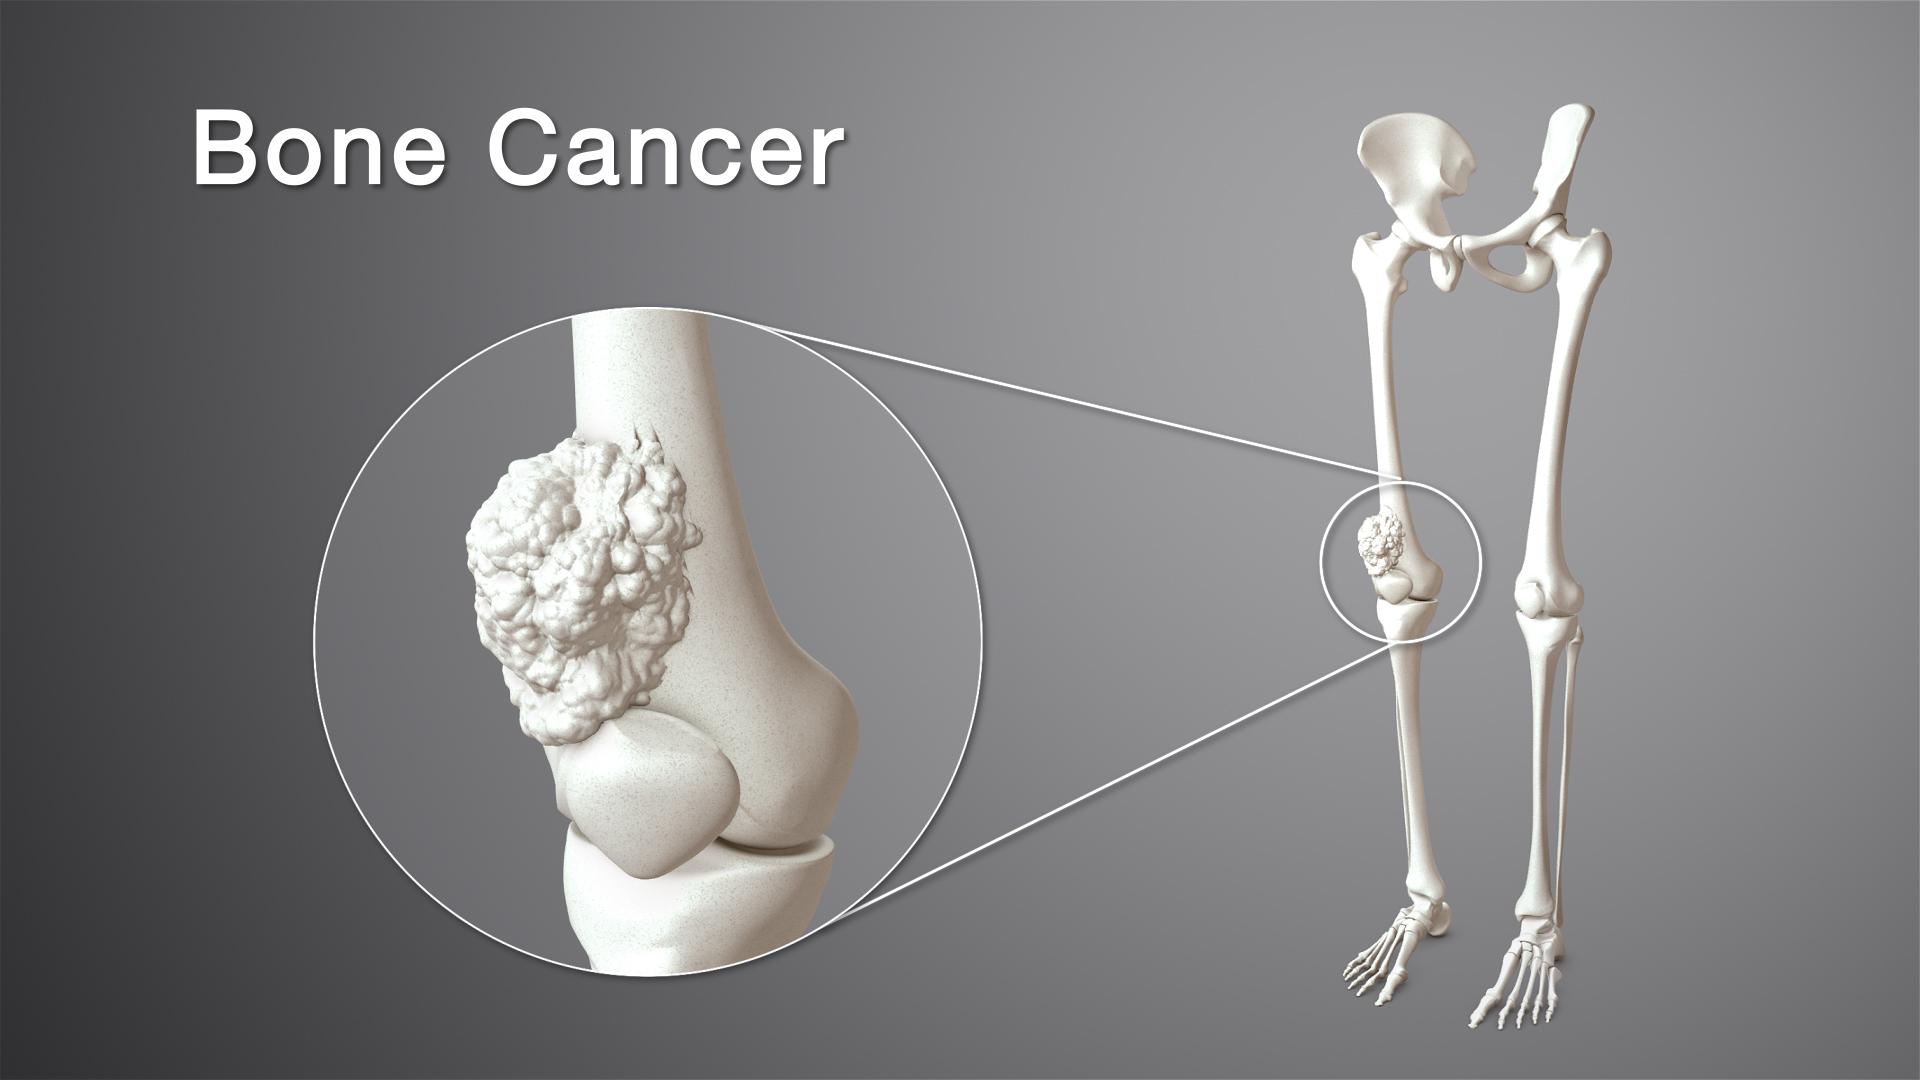 اعراض سرطان العظام